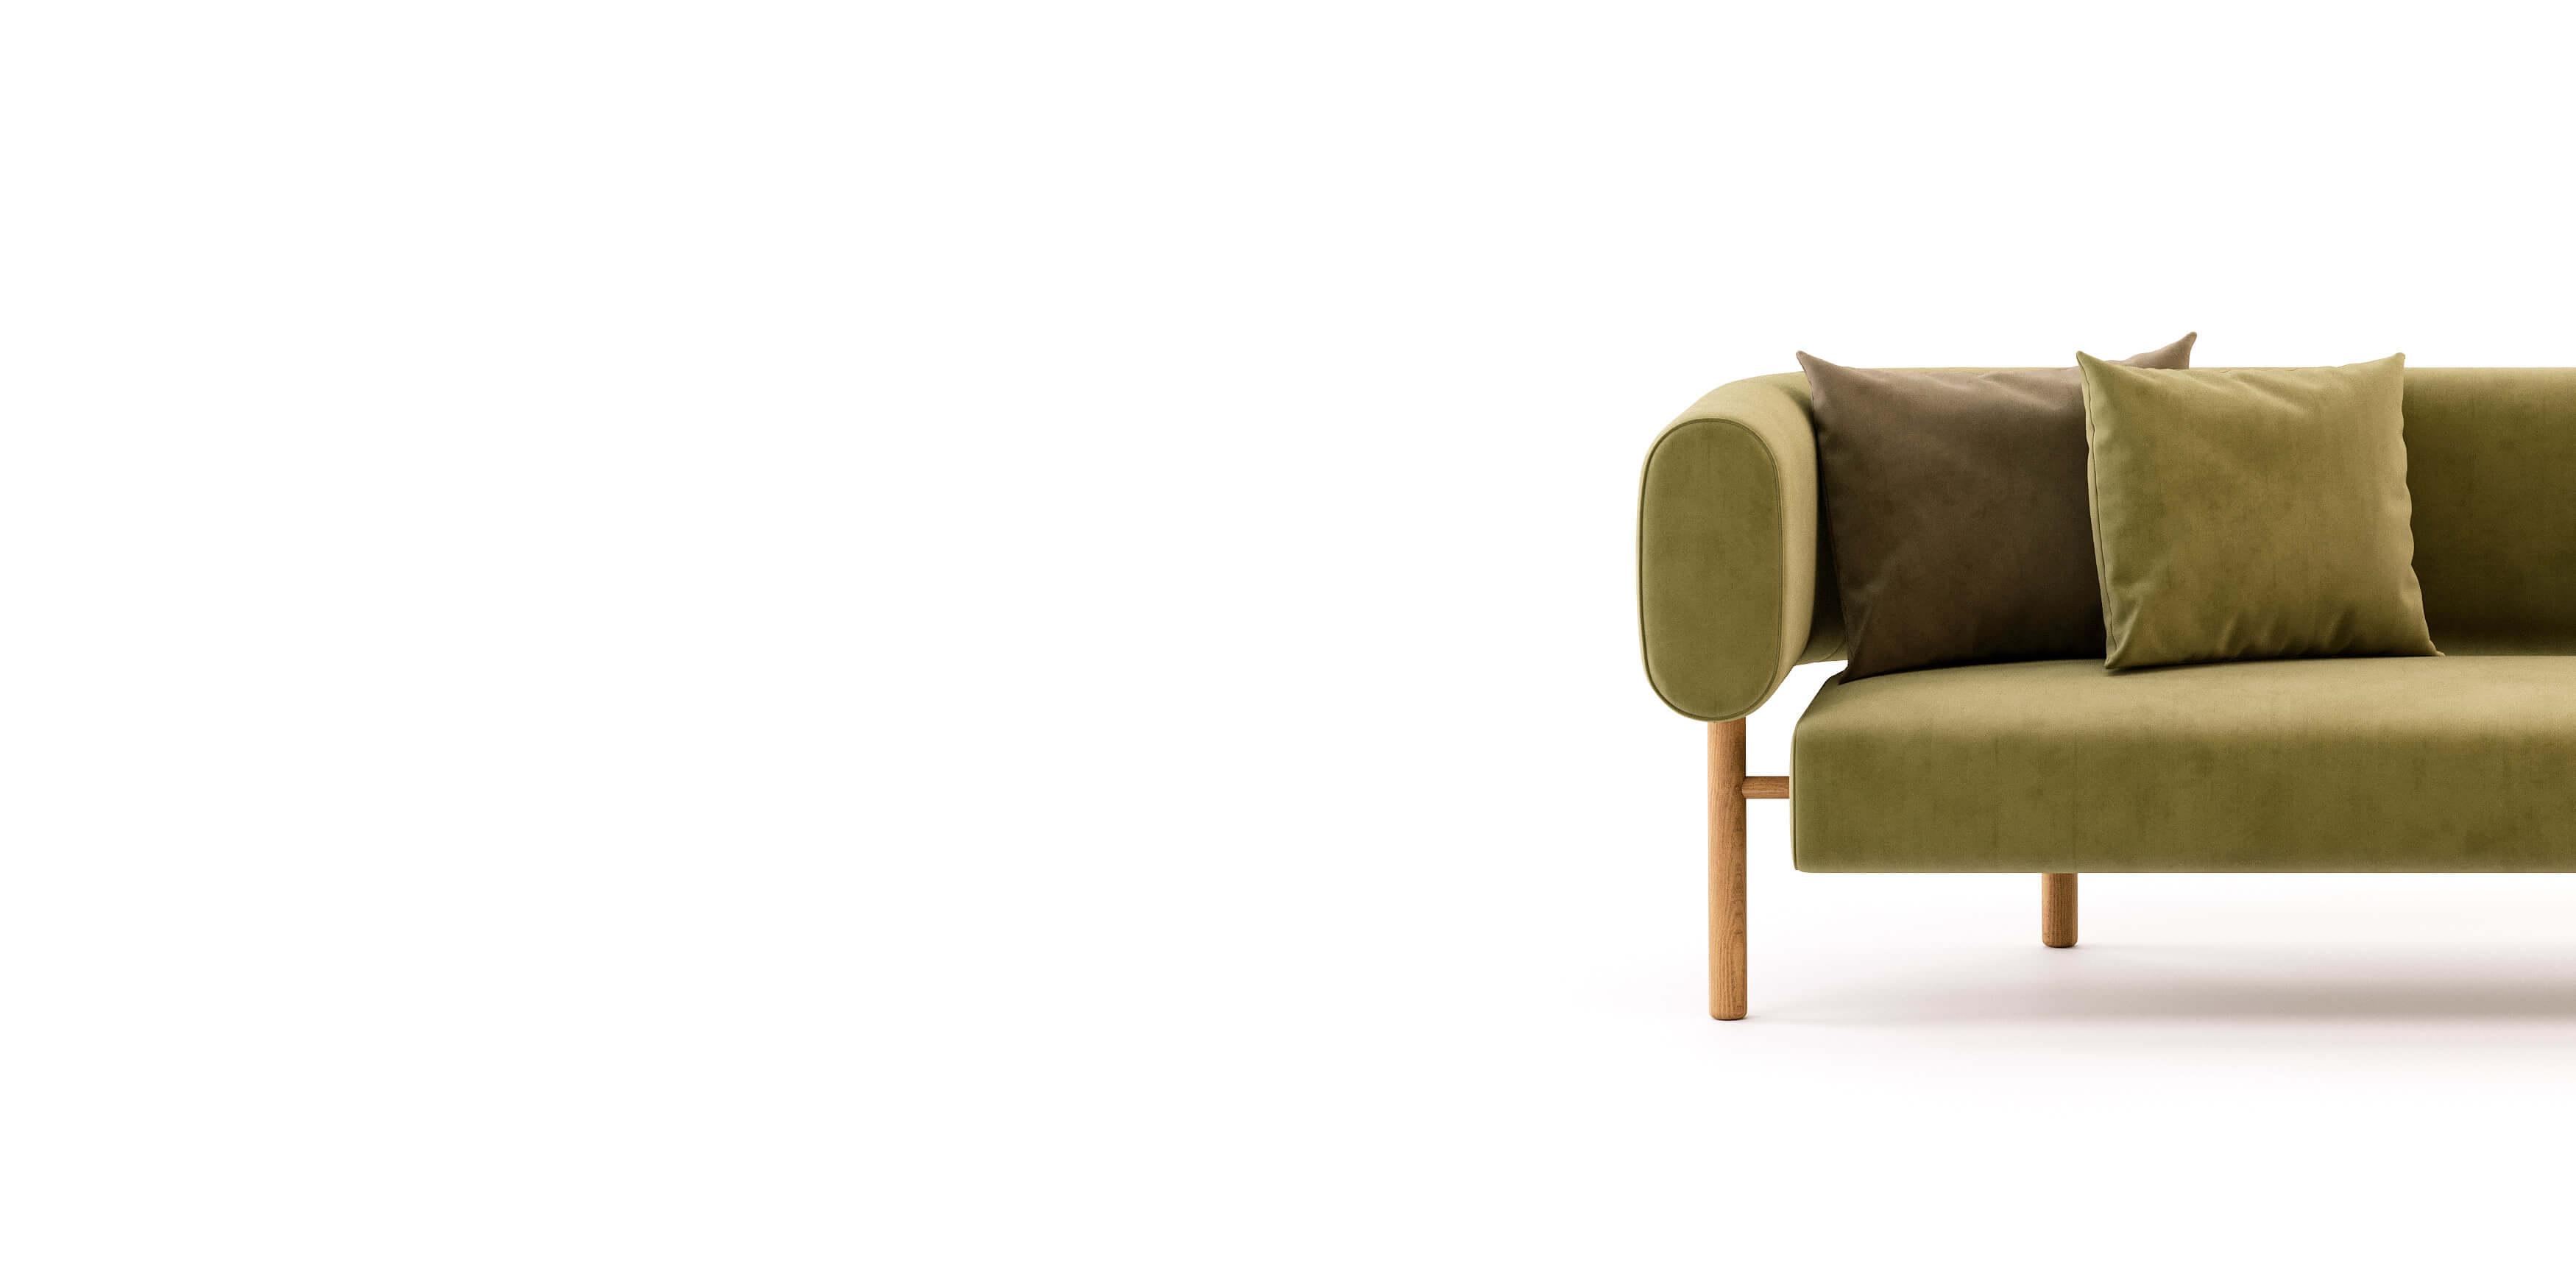 metade de um sofá